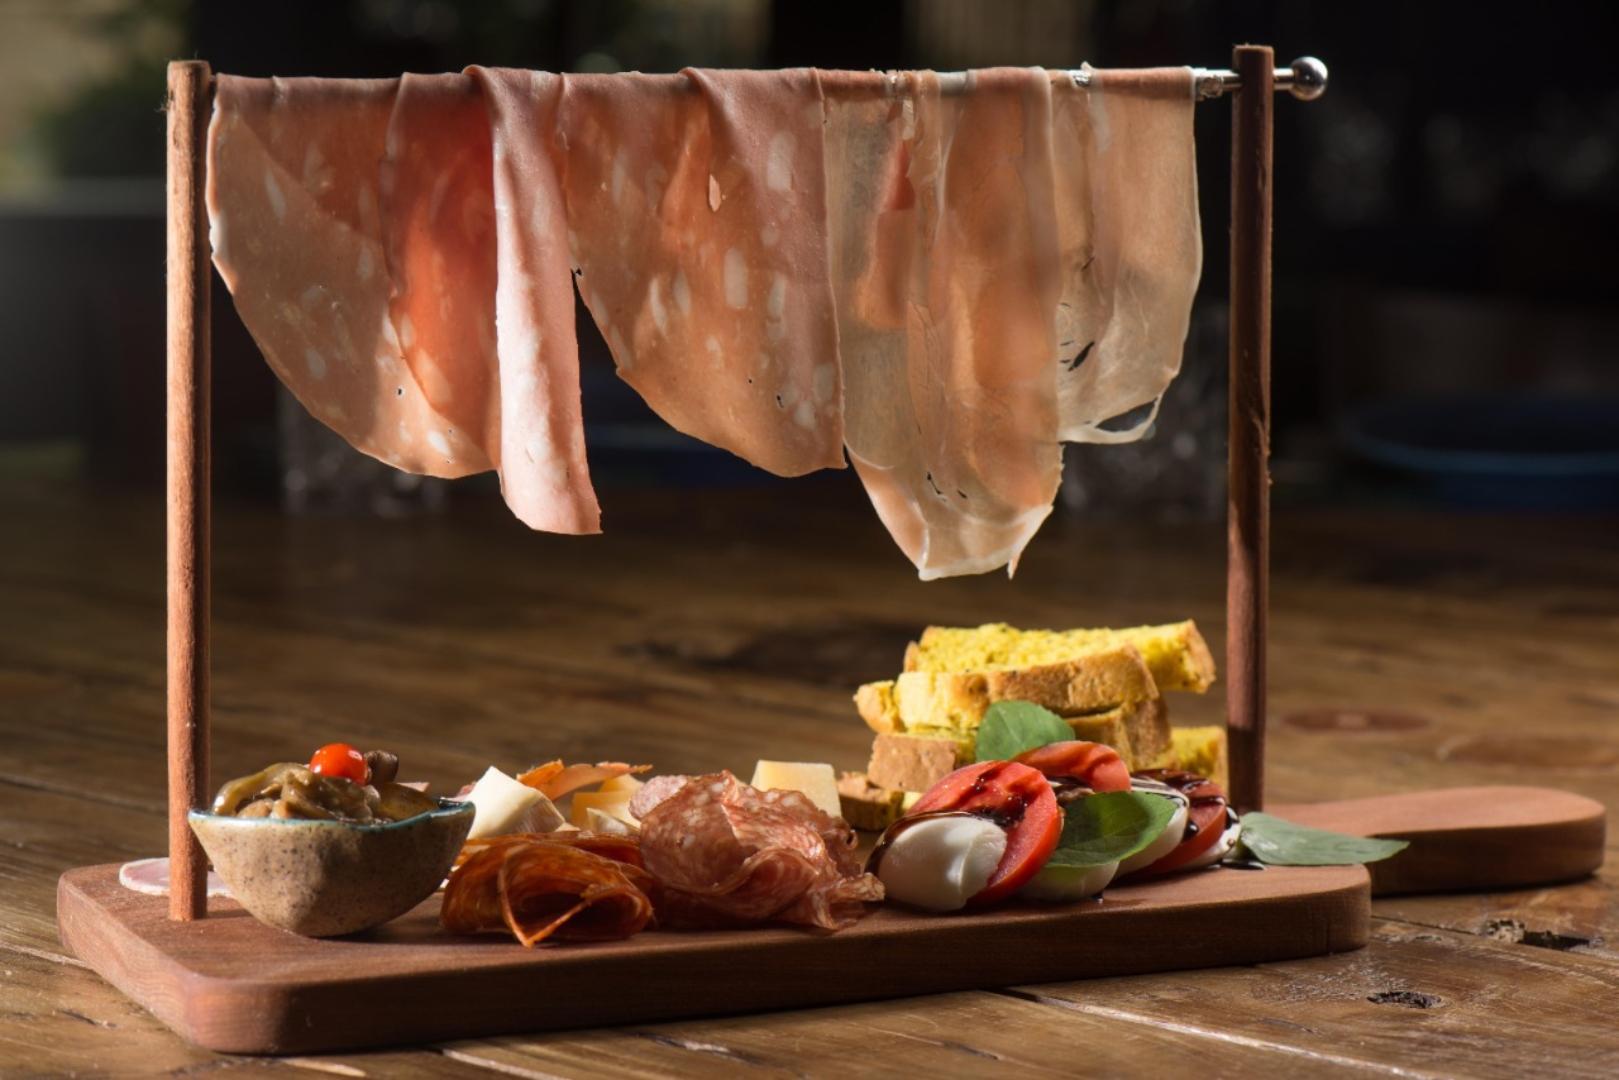 مجموعة مختارة من النقانق والمقبلات من مطعم دون ديو في بيدرا أزول